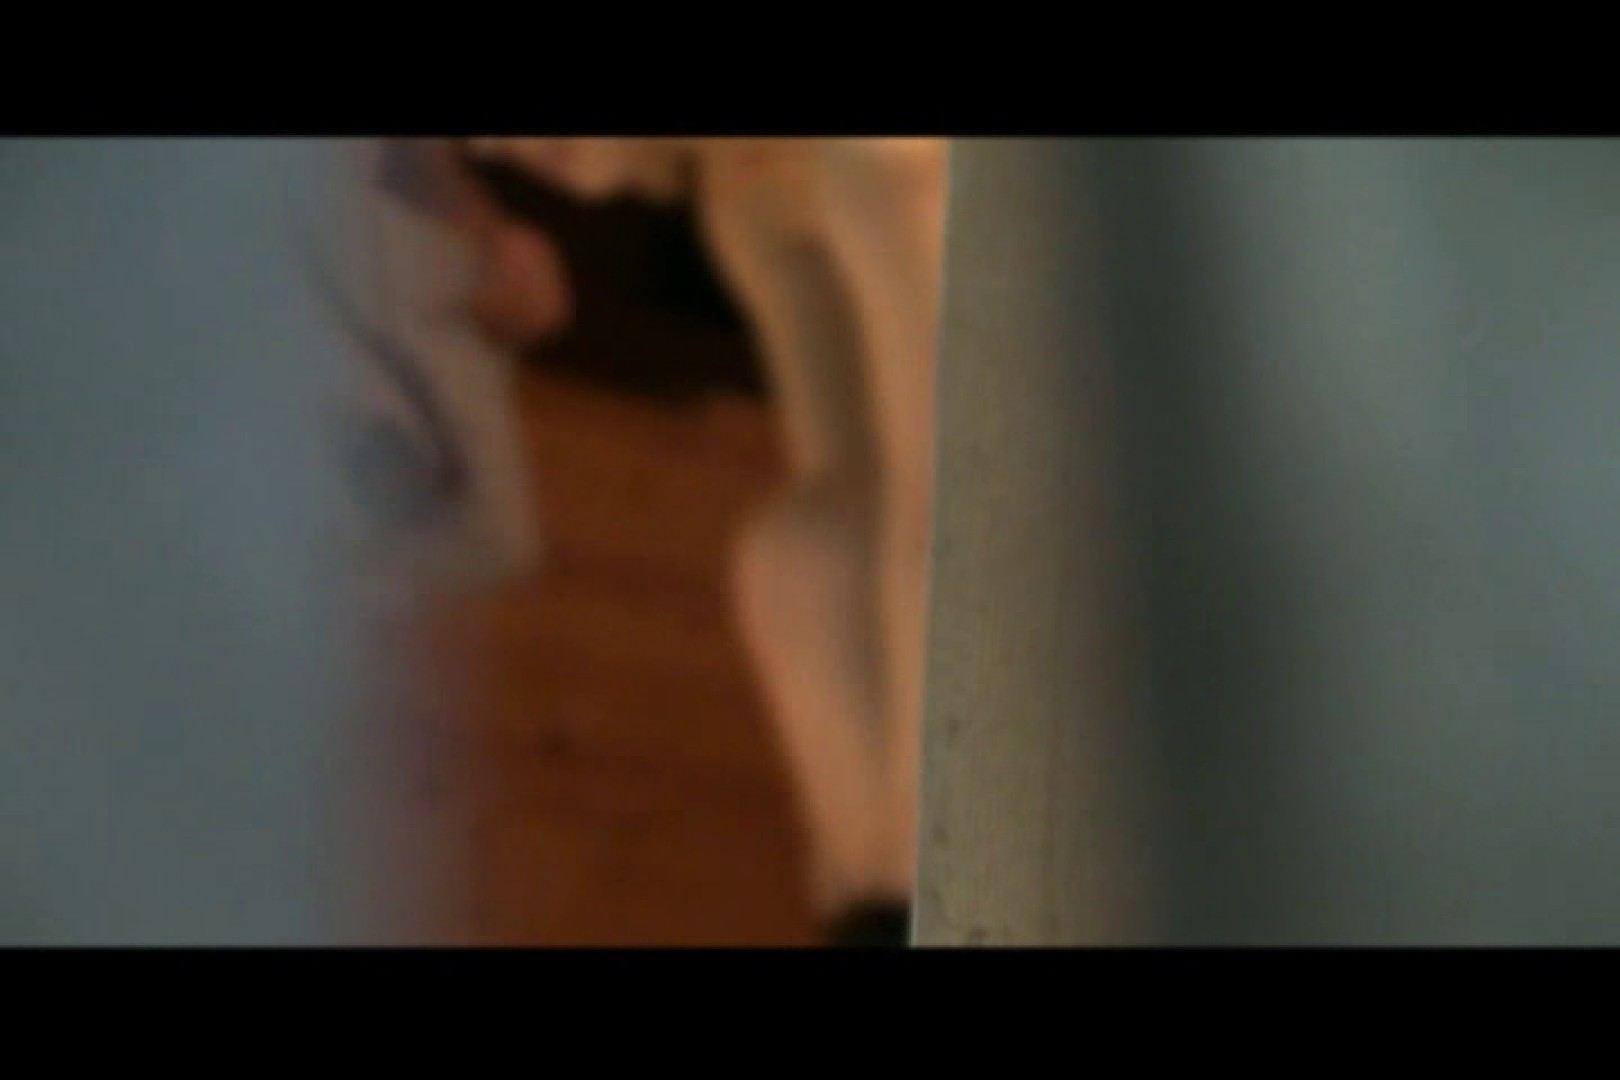 貸切露天 発情カップル! vol.02 潜伏露天風呂 のぞきおめこ無修正画像 90pic 2